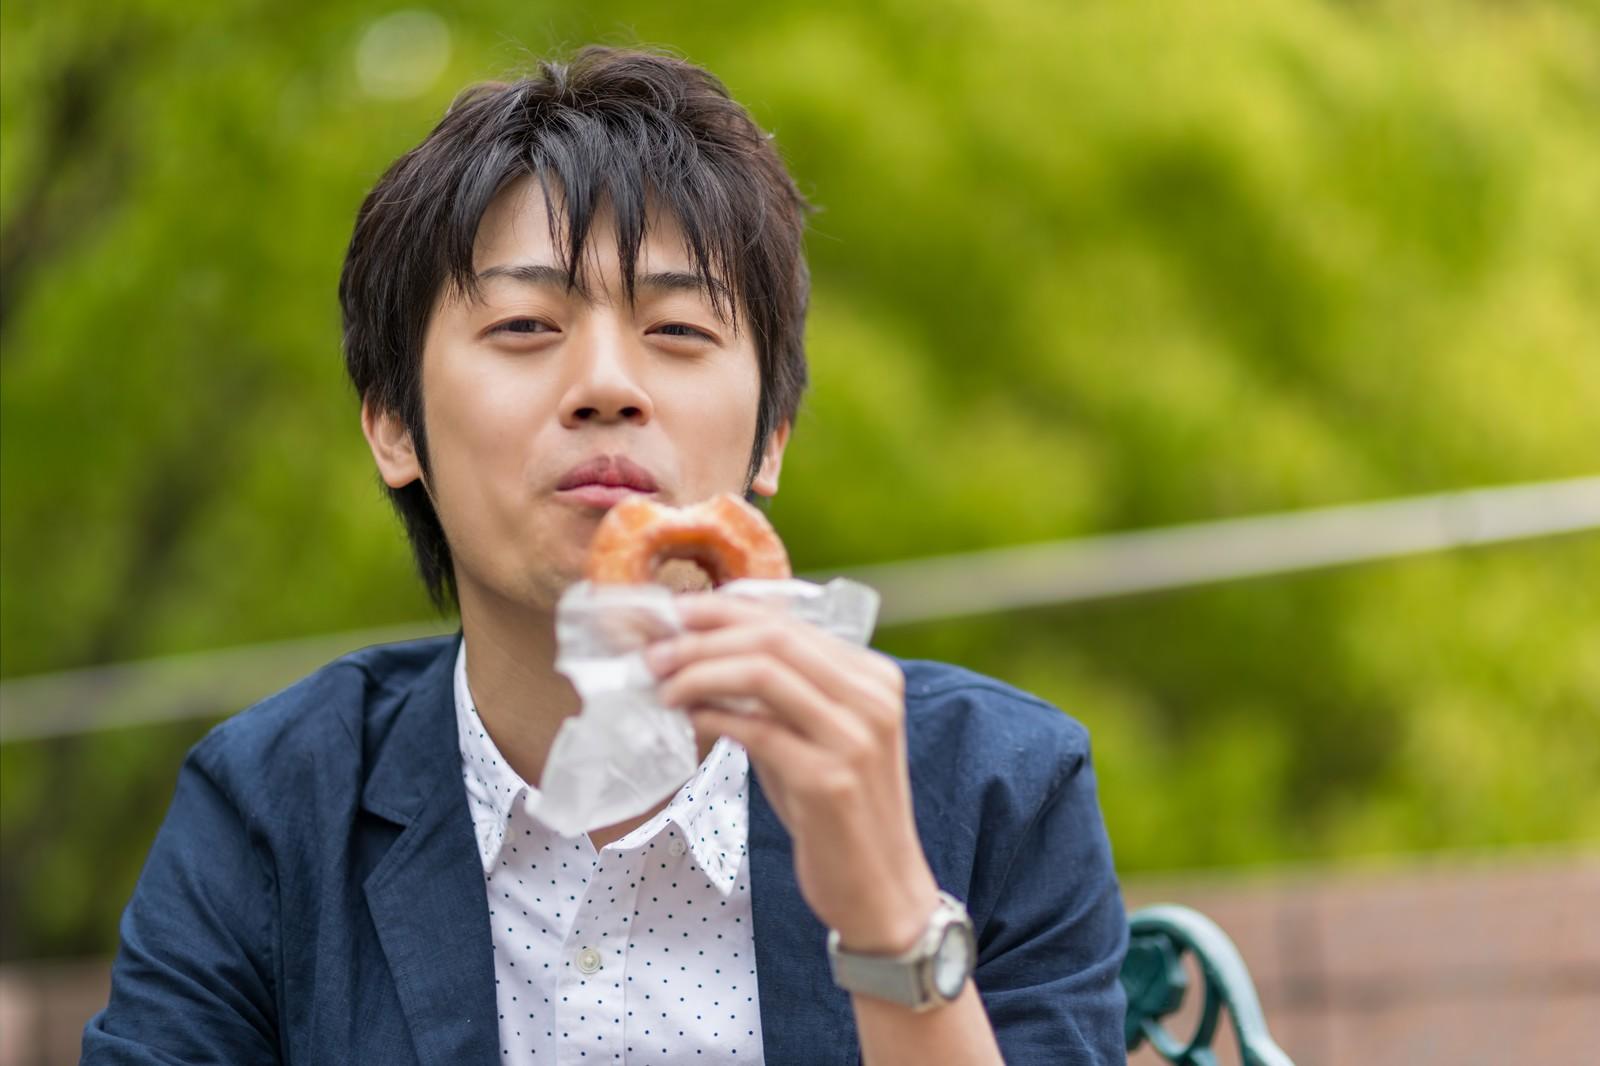 「笑顔でドーナツを食べるWebデザイナー」[モデル:Tsuyoshi.]